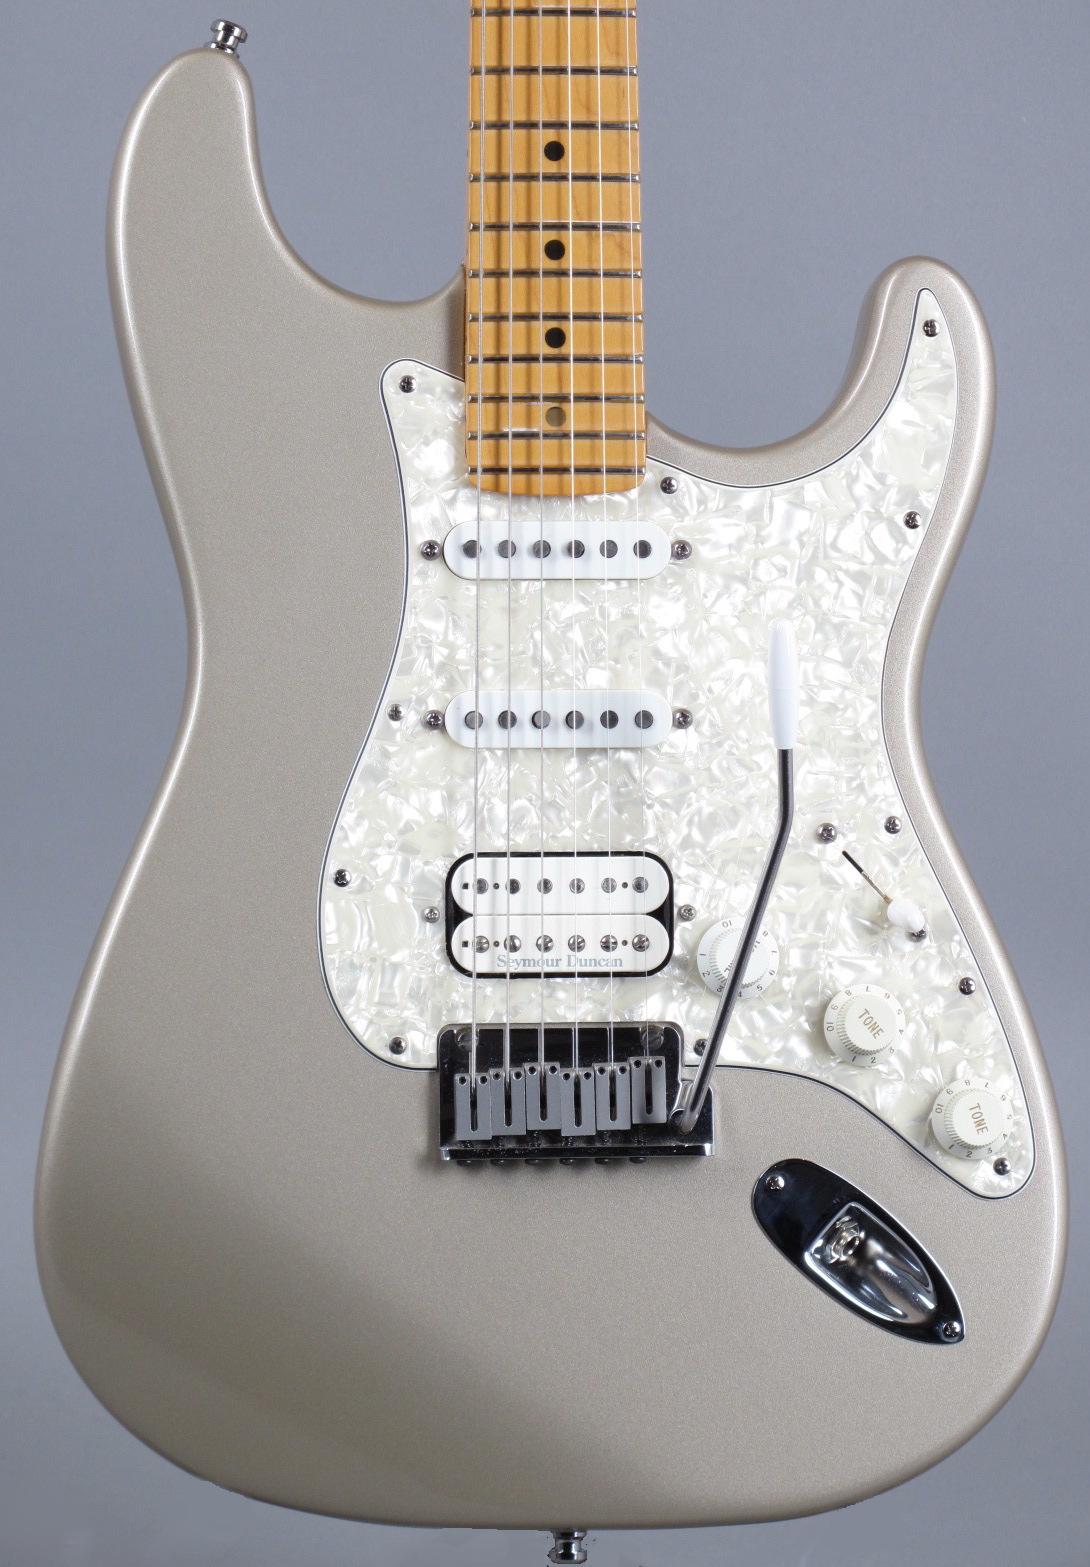 1996 Fender Lonestar Stratocaster - Shoreline Gold